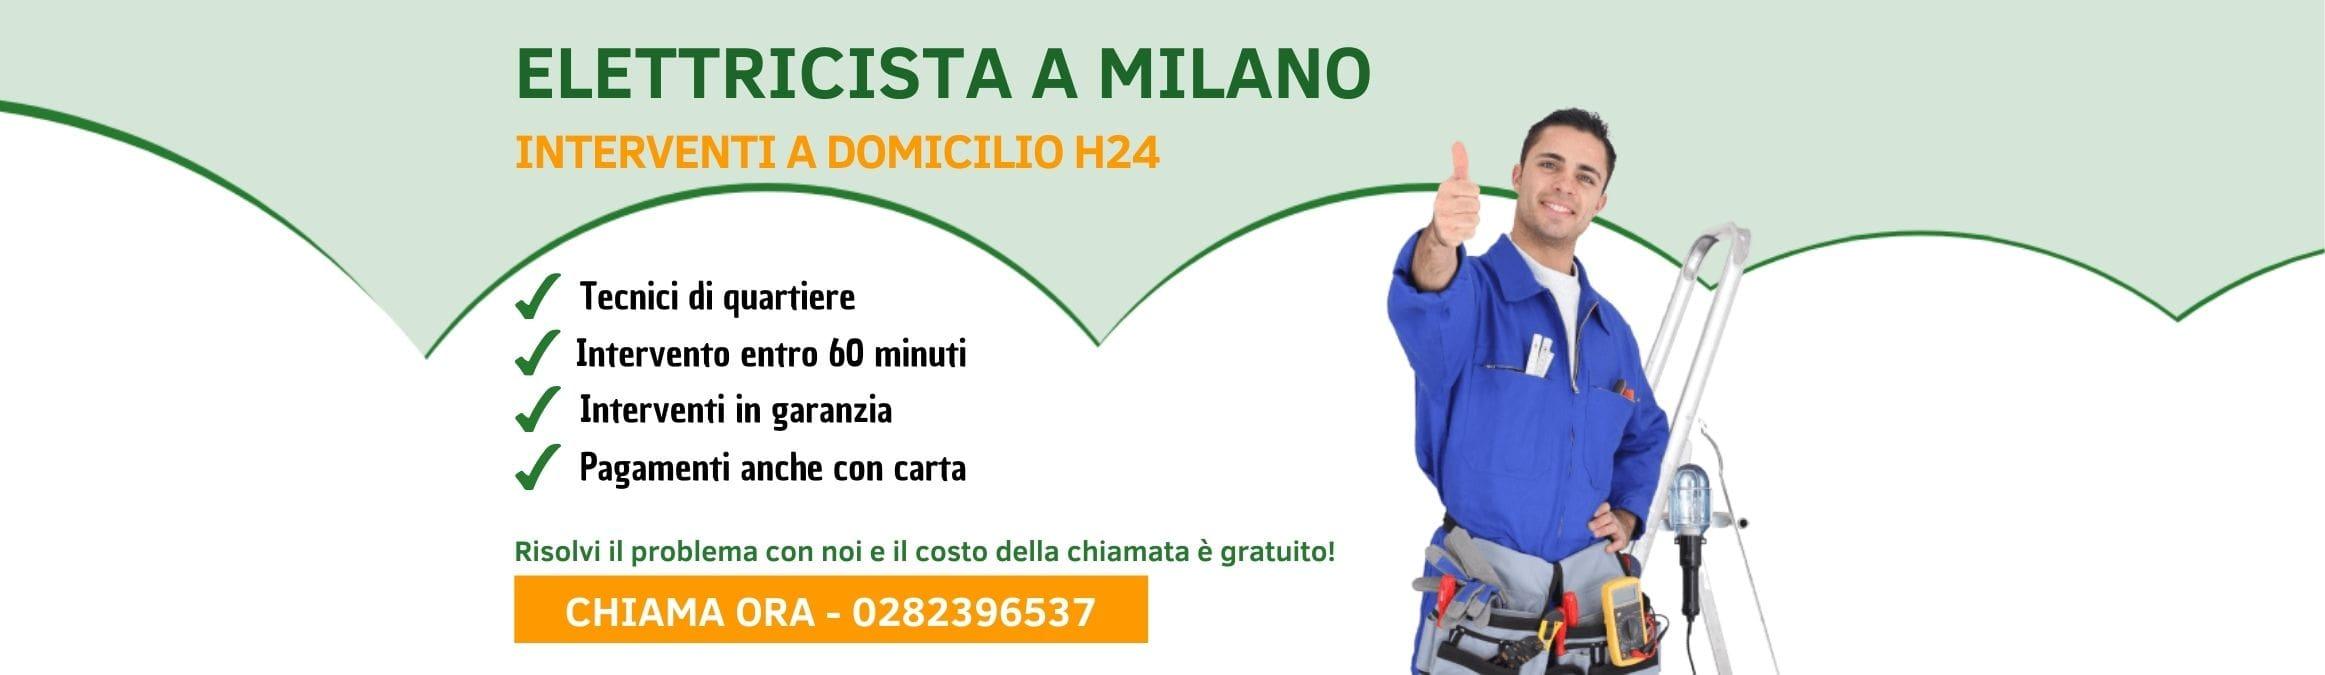 Elettricista Milano - pronto intervento h24